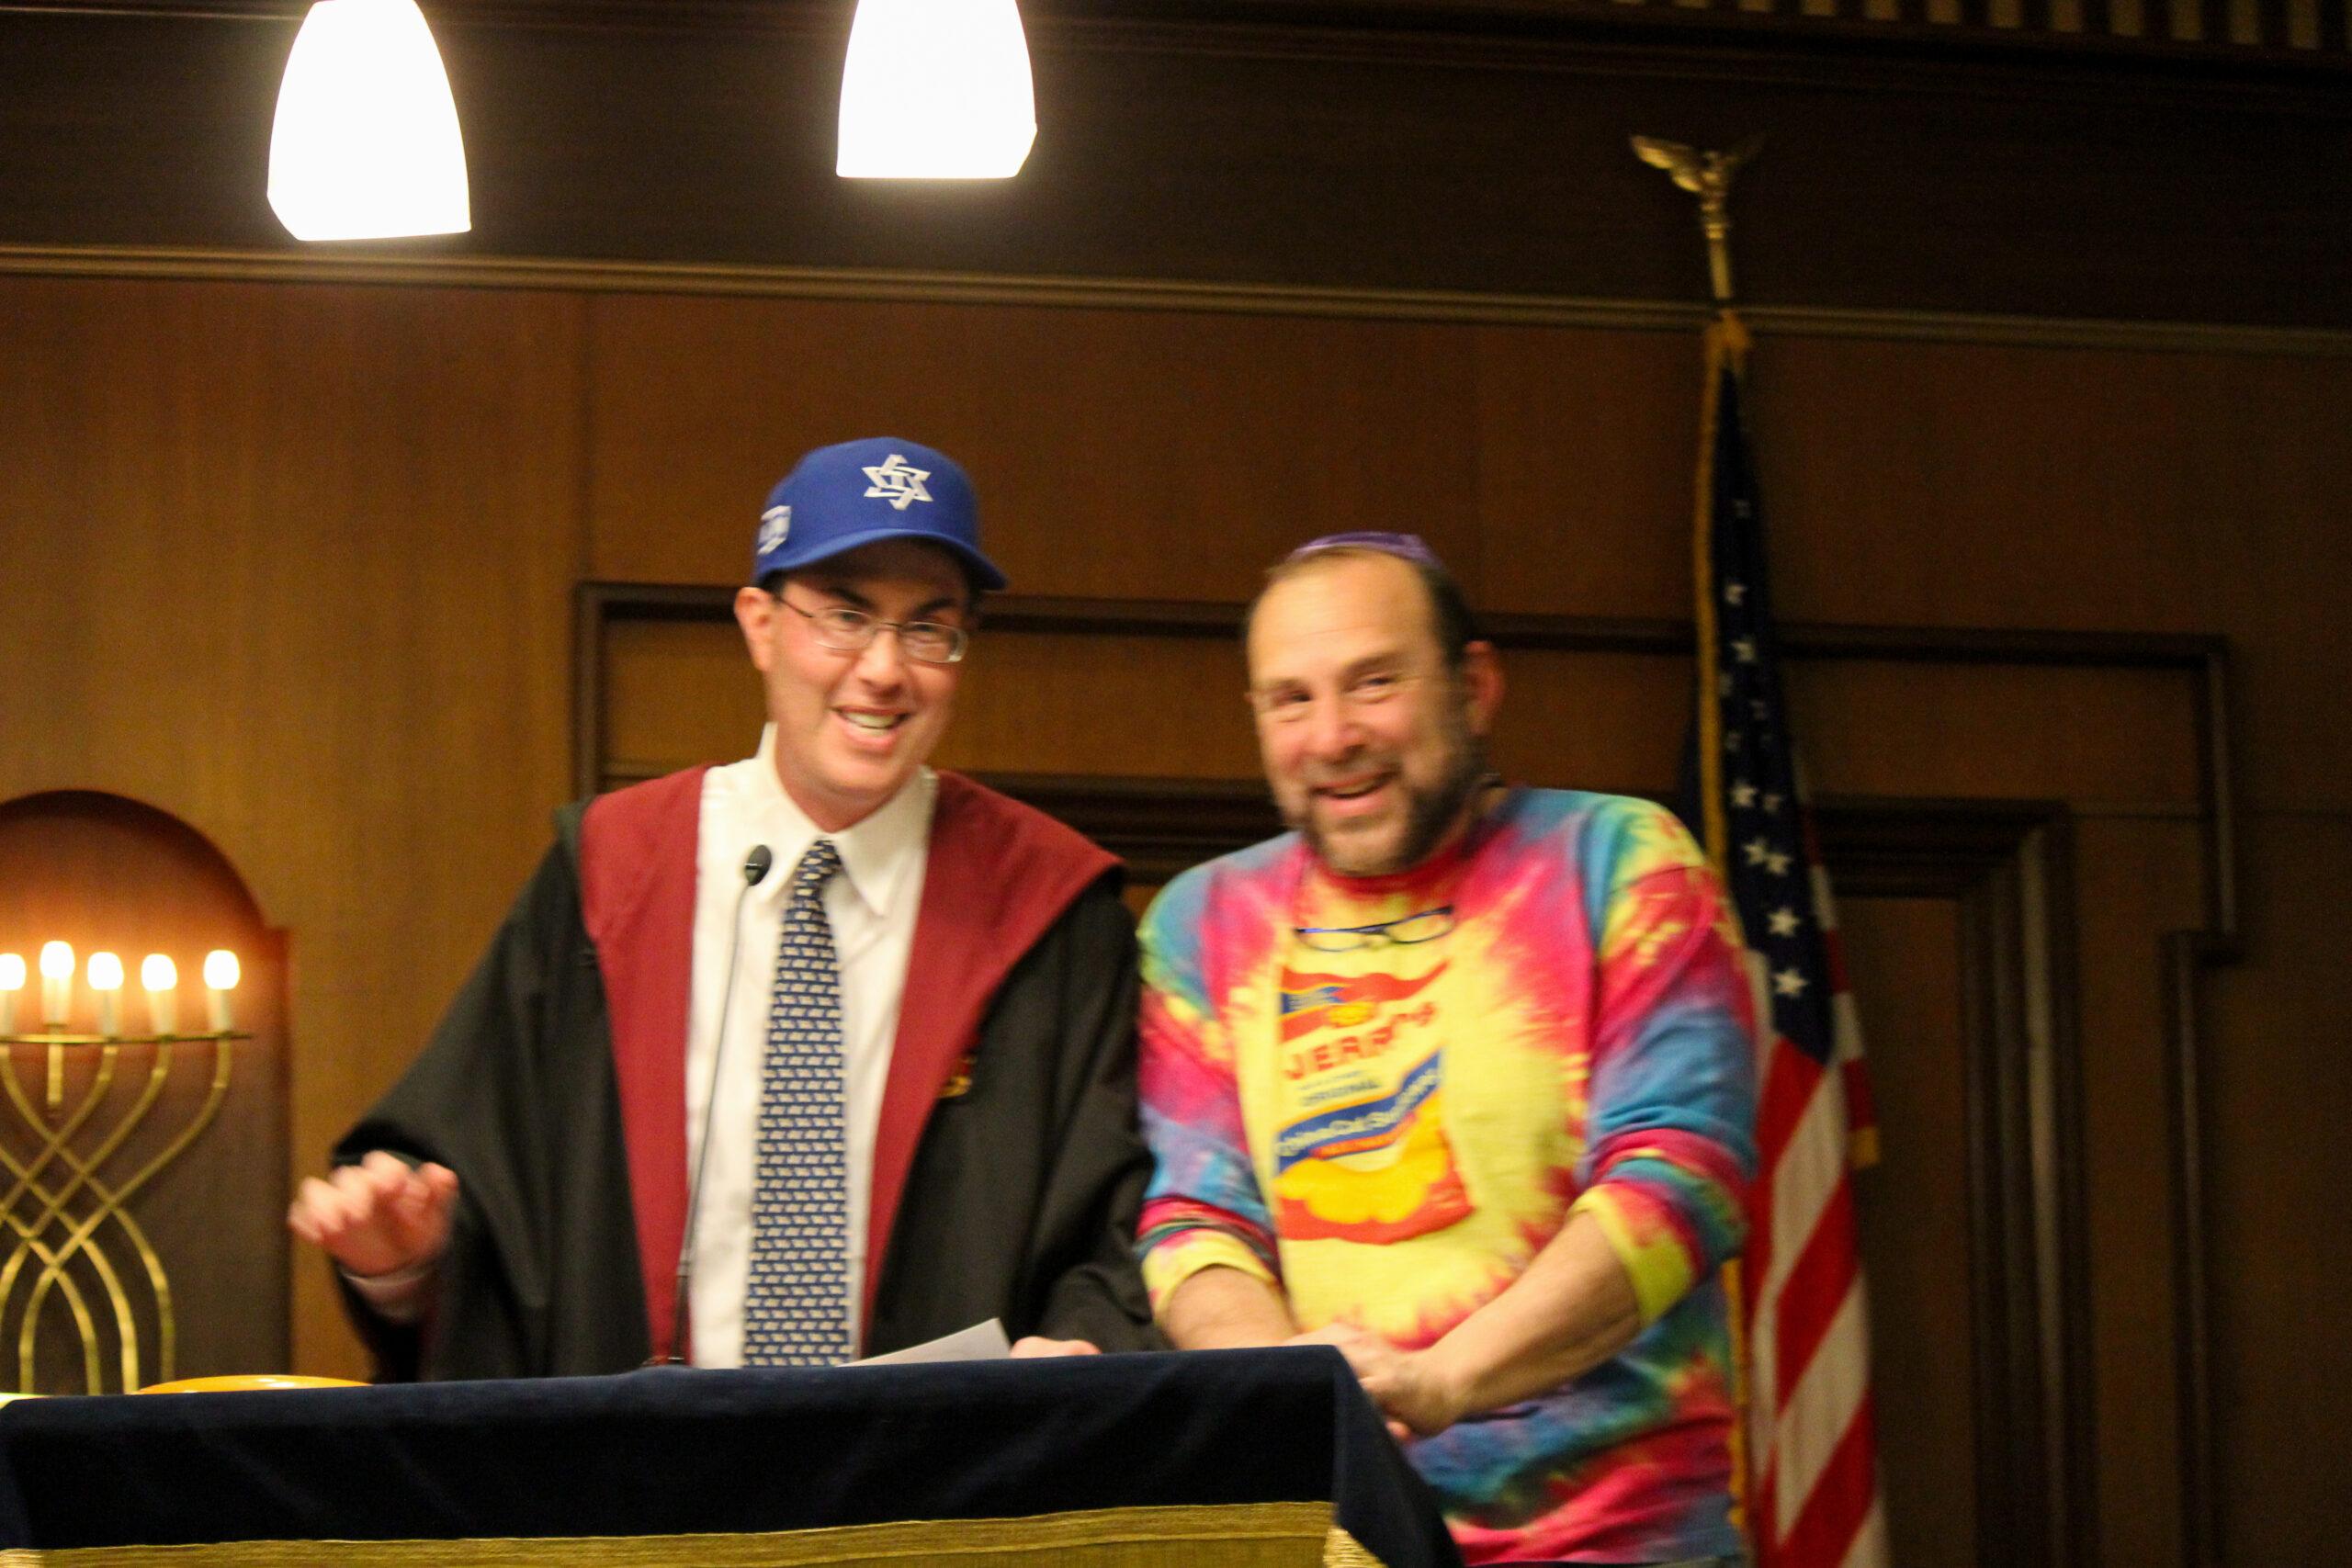 Mike Weiner and Howie Hirsch